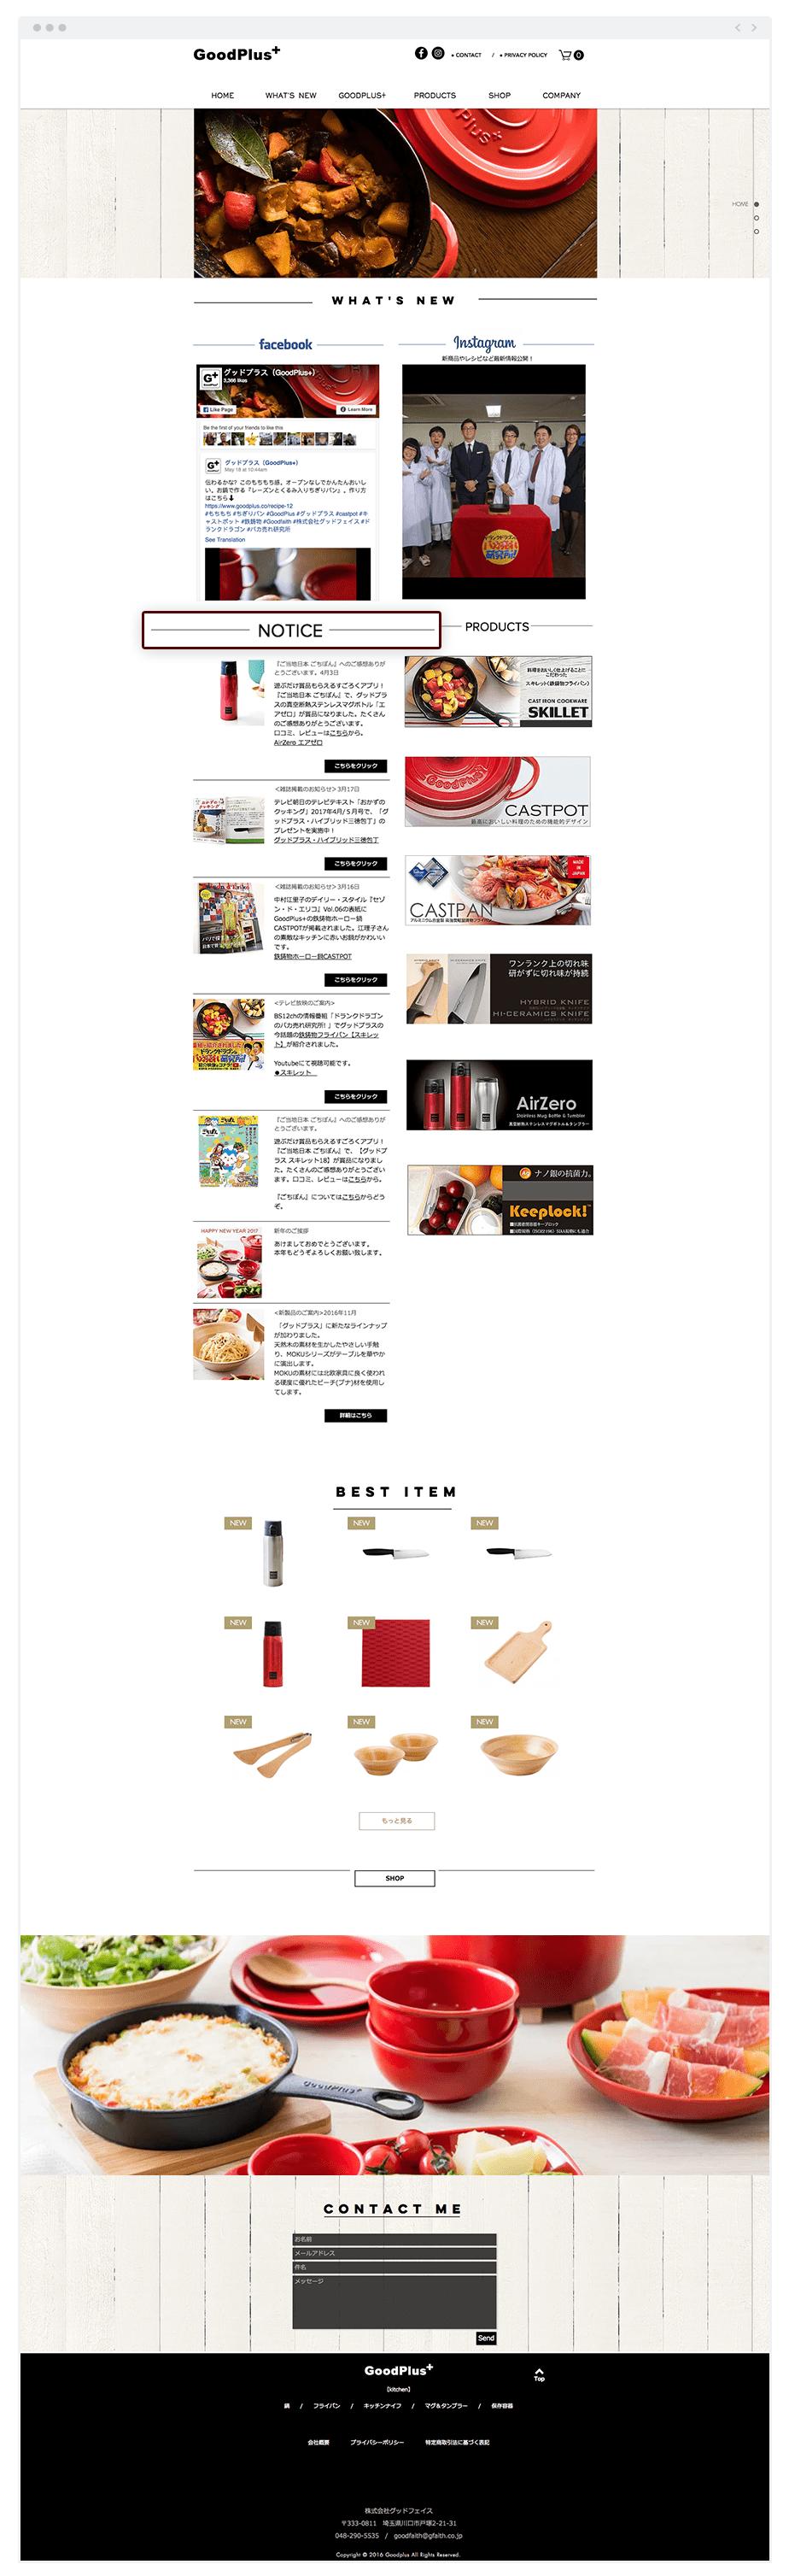 広報の例, グッドプラスのホームページ